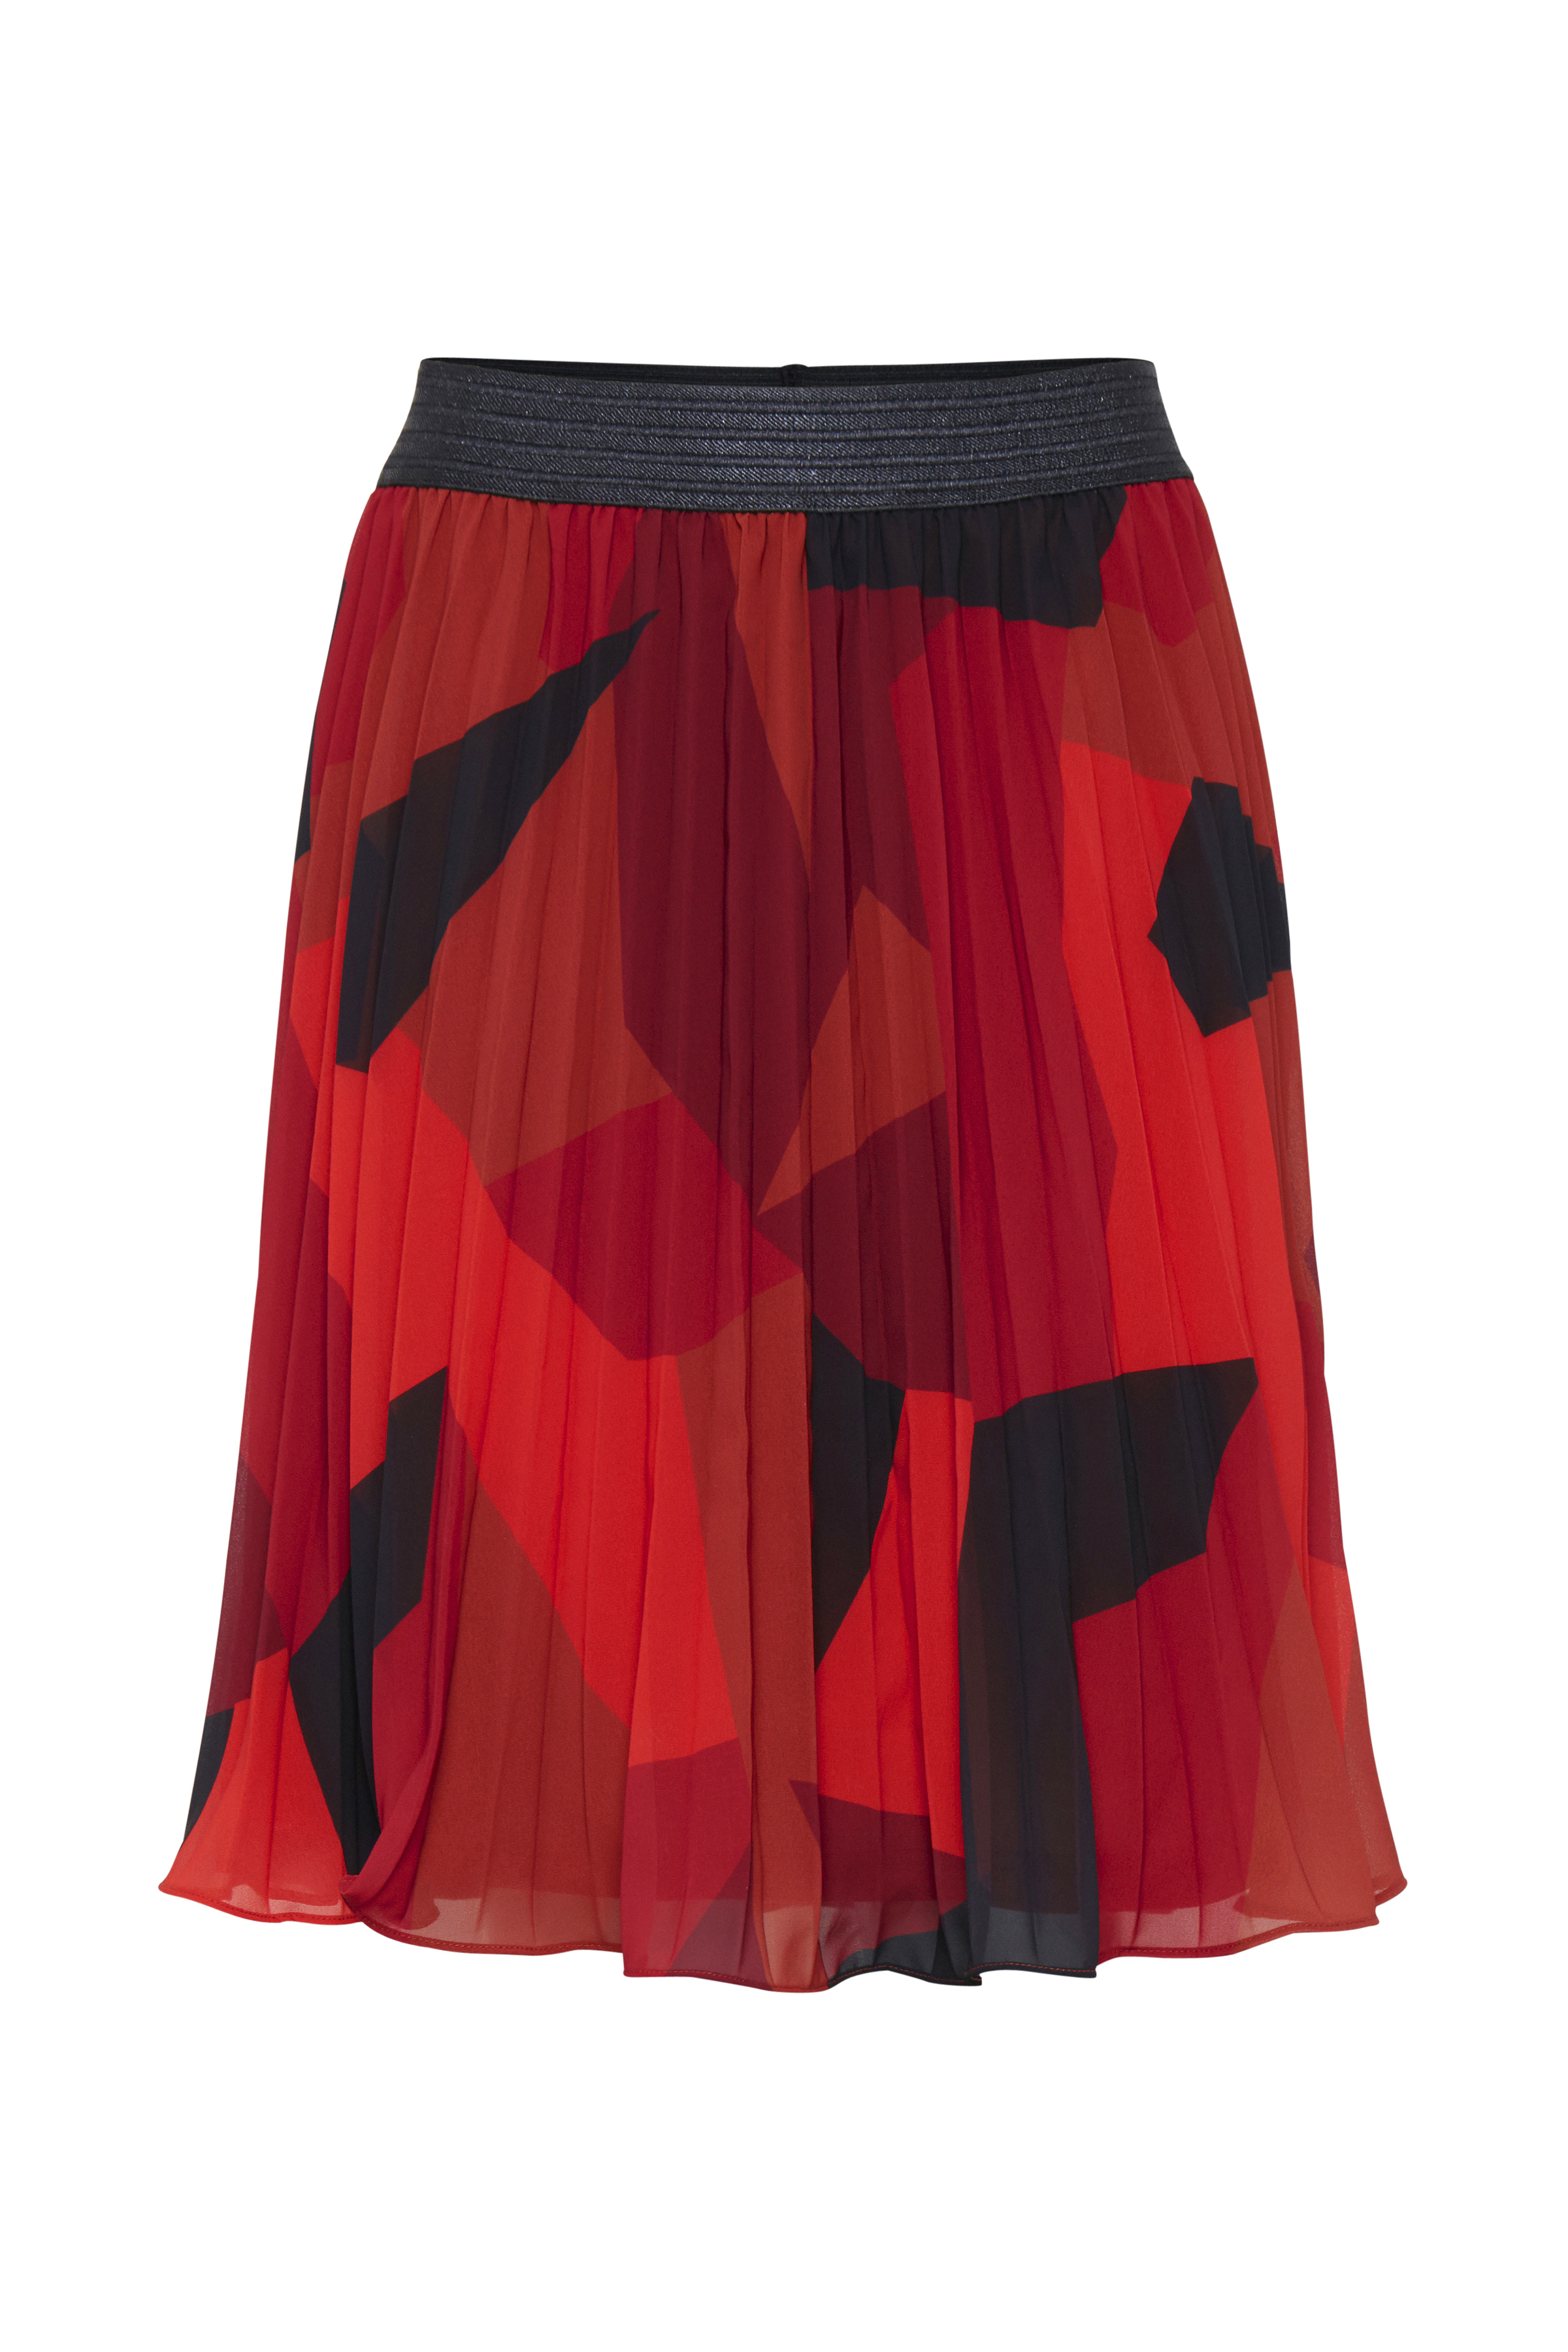 Fransa Dame A-lijn rok van FRANSA met een brede elastische band in de taille. Lichtgewicht kwaliteit.met voering. Plissé effect. Draag de rok met een T-shirt of ga all-in met een bijpassende blouse en een paar pumps. - Dieporanje/zwart